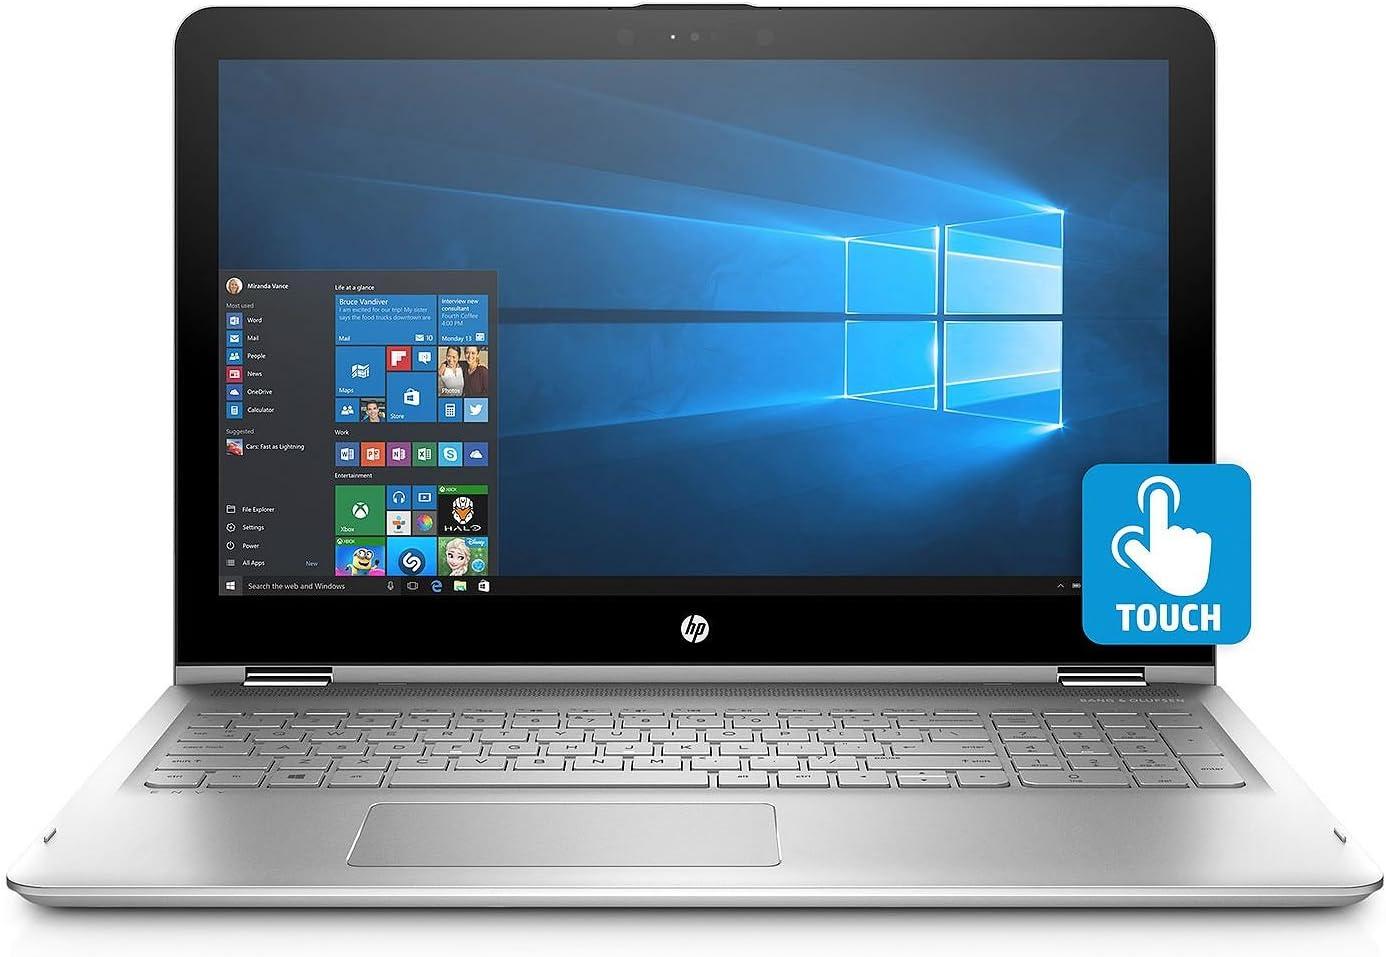 HP ENVY x360 15.6 Inch Laptop Computer (Intel Core i7-8550U 1.8GHz, 16GB DDR4 RAM, 128GB SSD + 1TB HDD, Backlit Keyboard, B&O Speakers, Intel 620, HD Webcam, Windows 10)